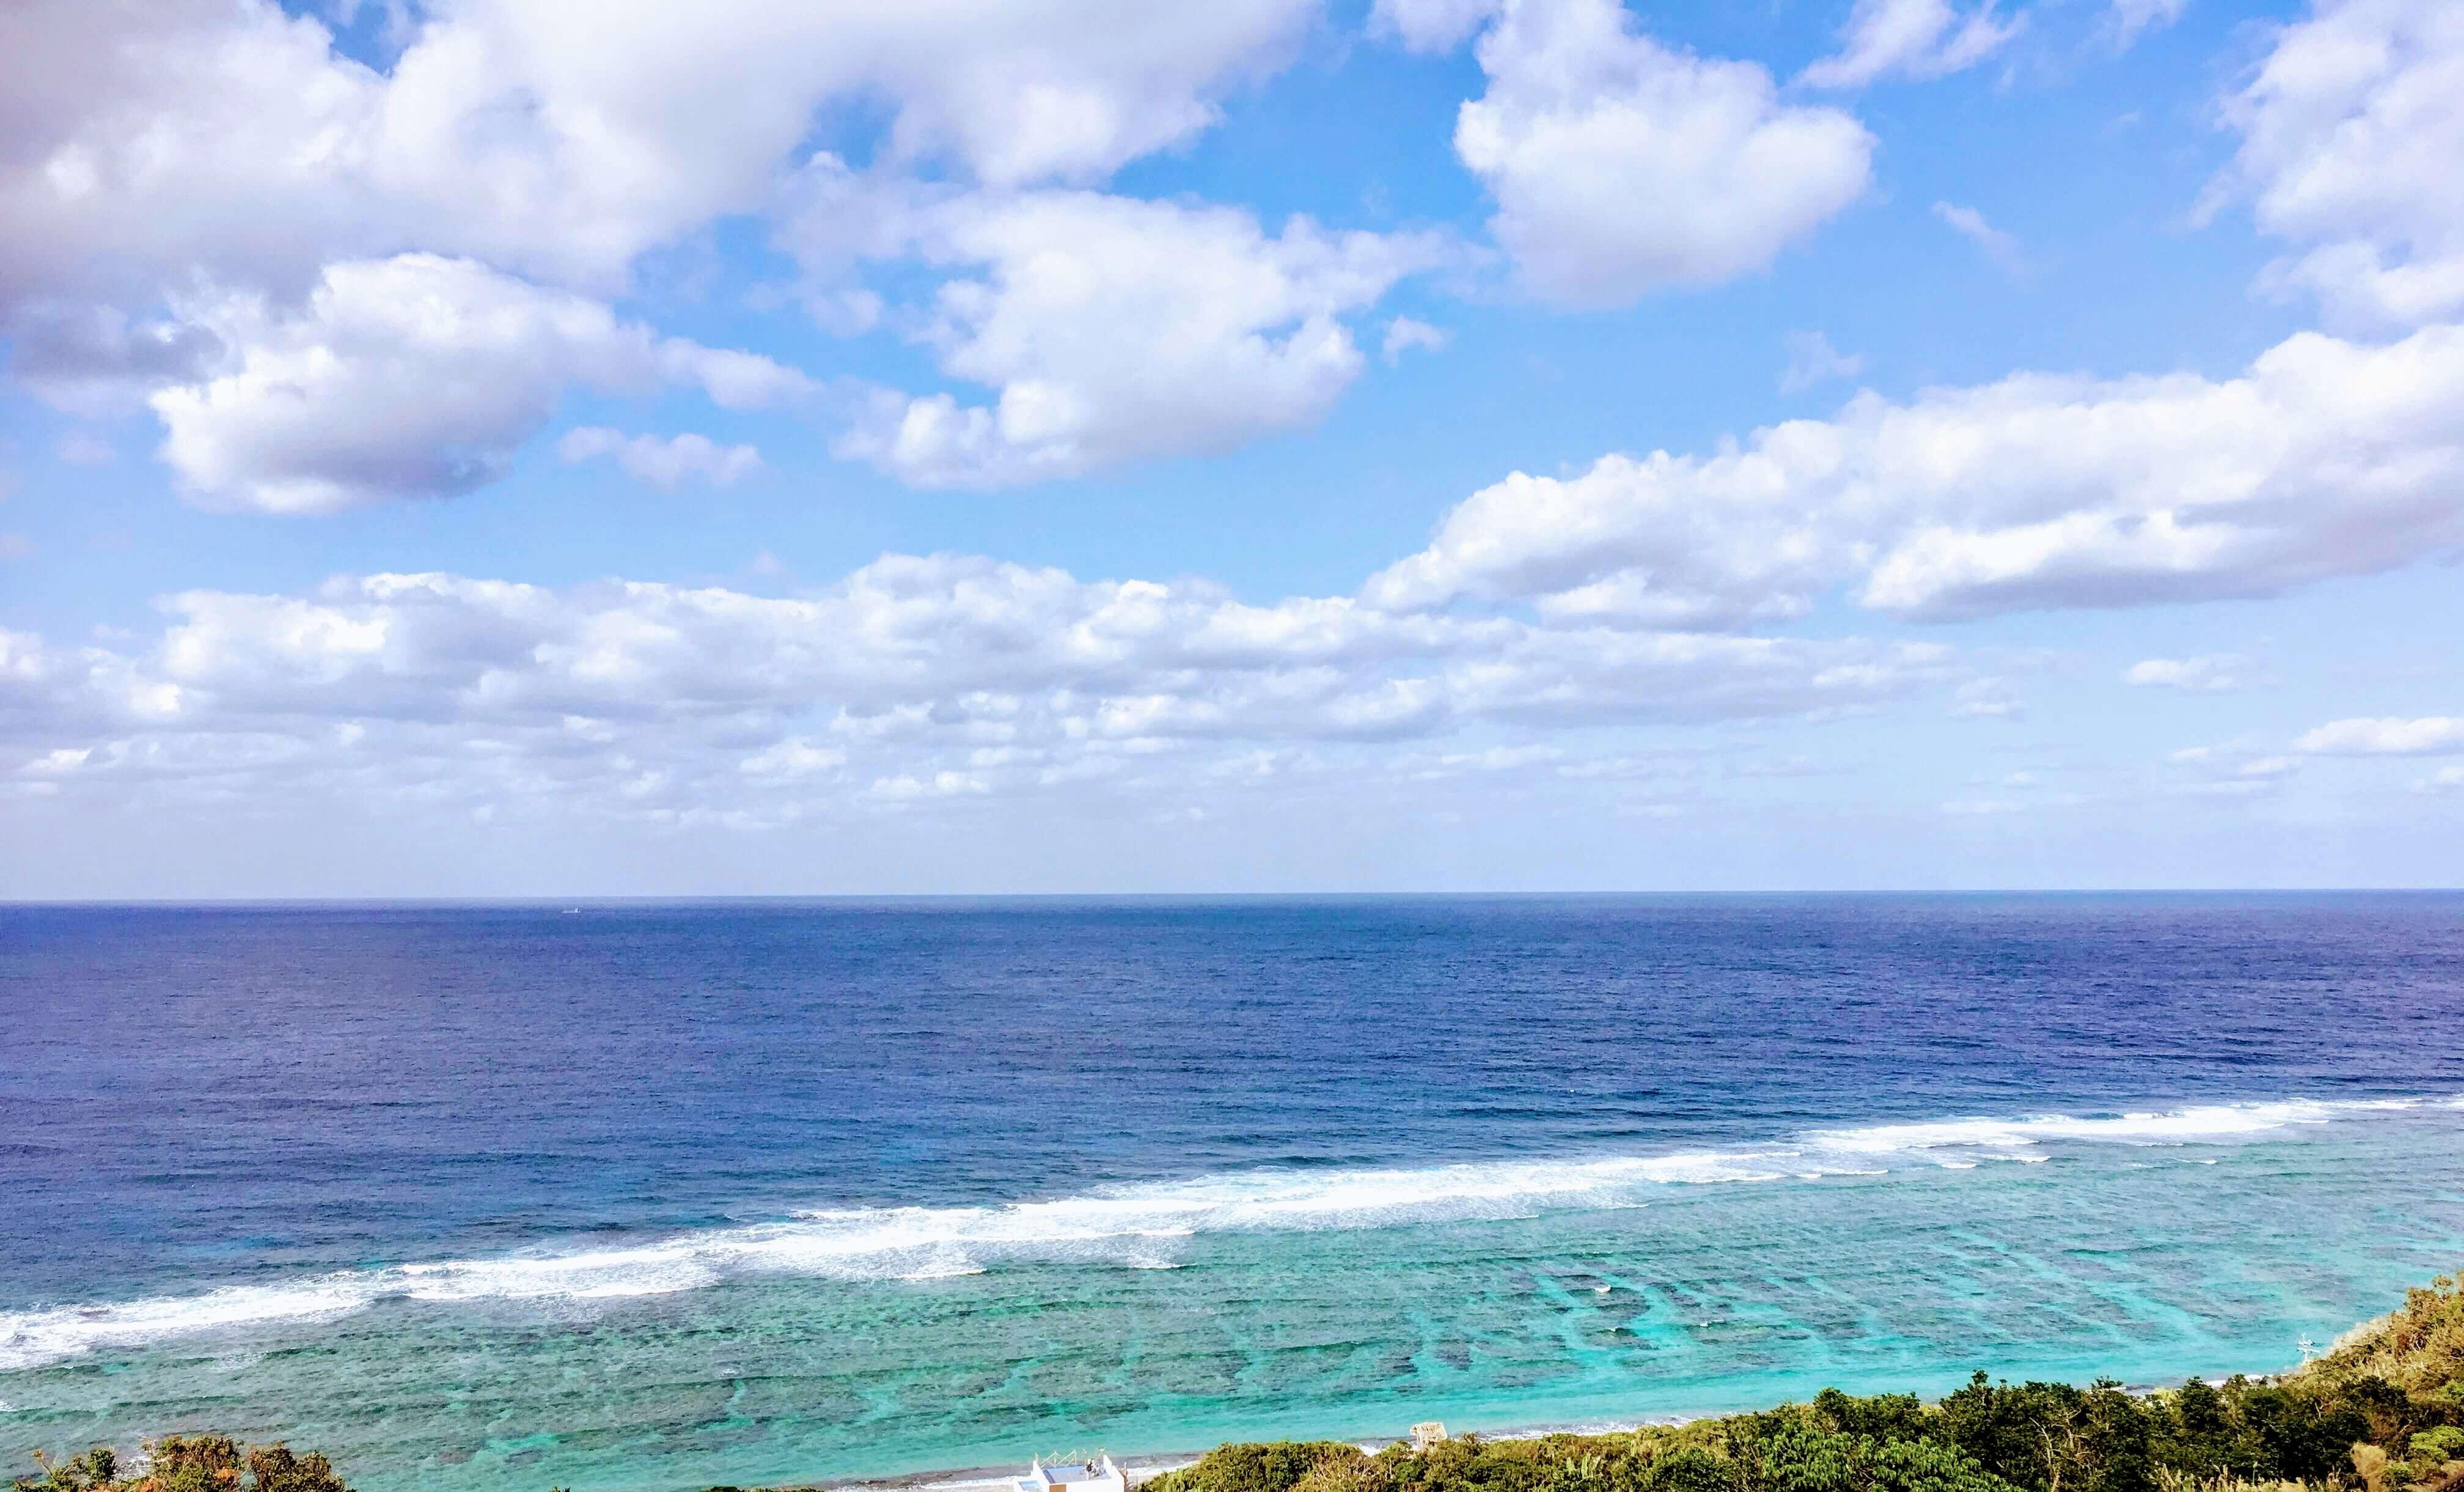 海開き(サンガツサンチ/はまおれ)が行われる大浜海浜公園